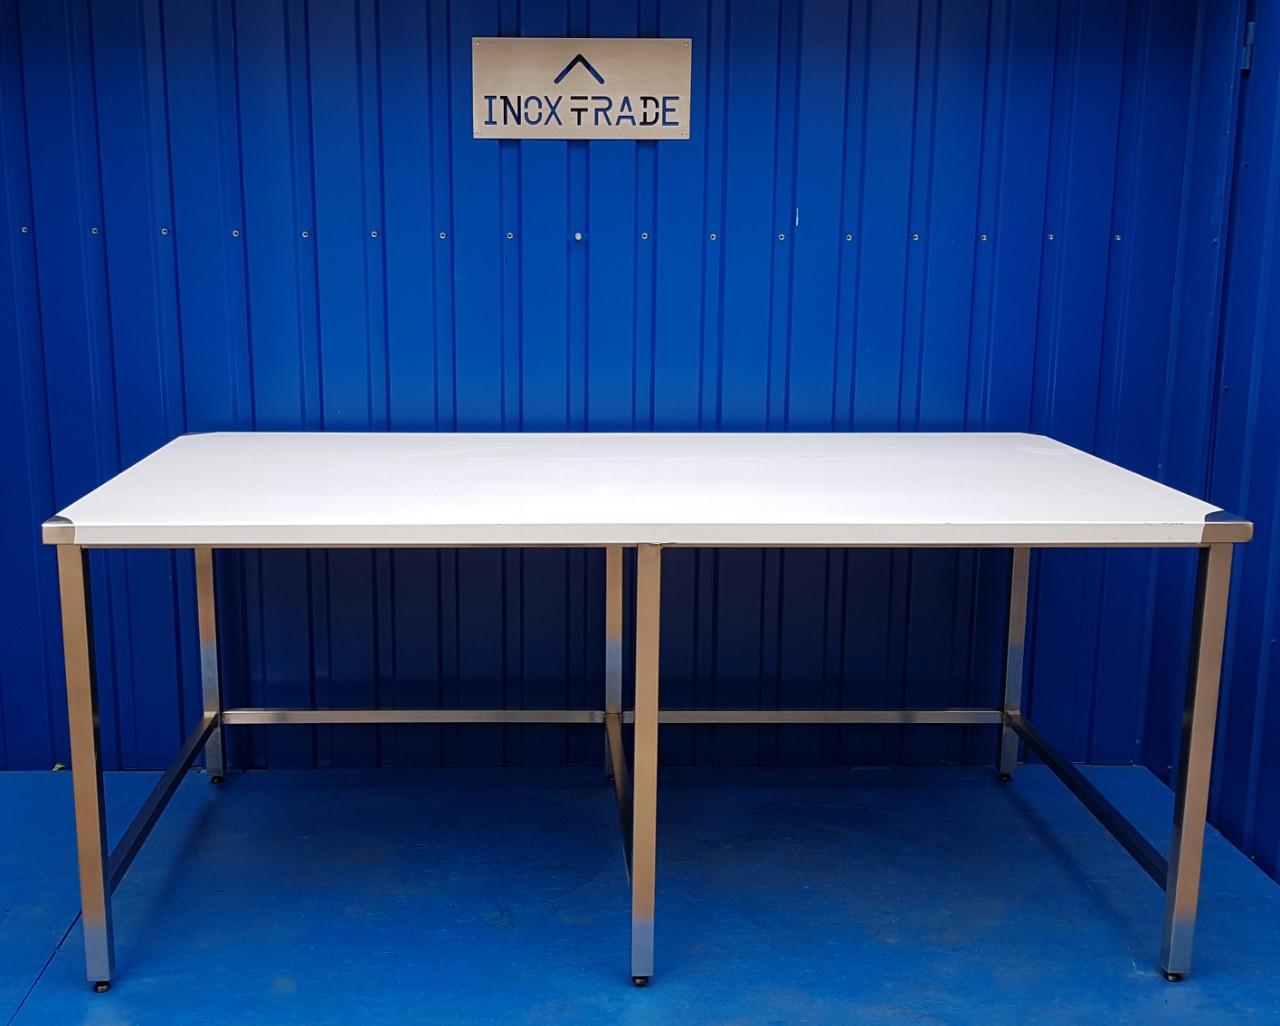 Стол производственный нейтральный 600мм x 600мм x 850мм - фотография